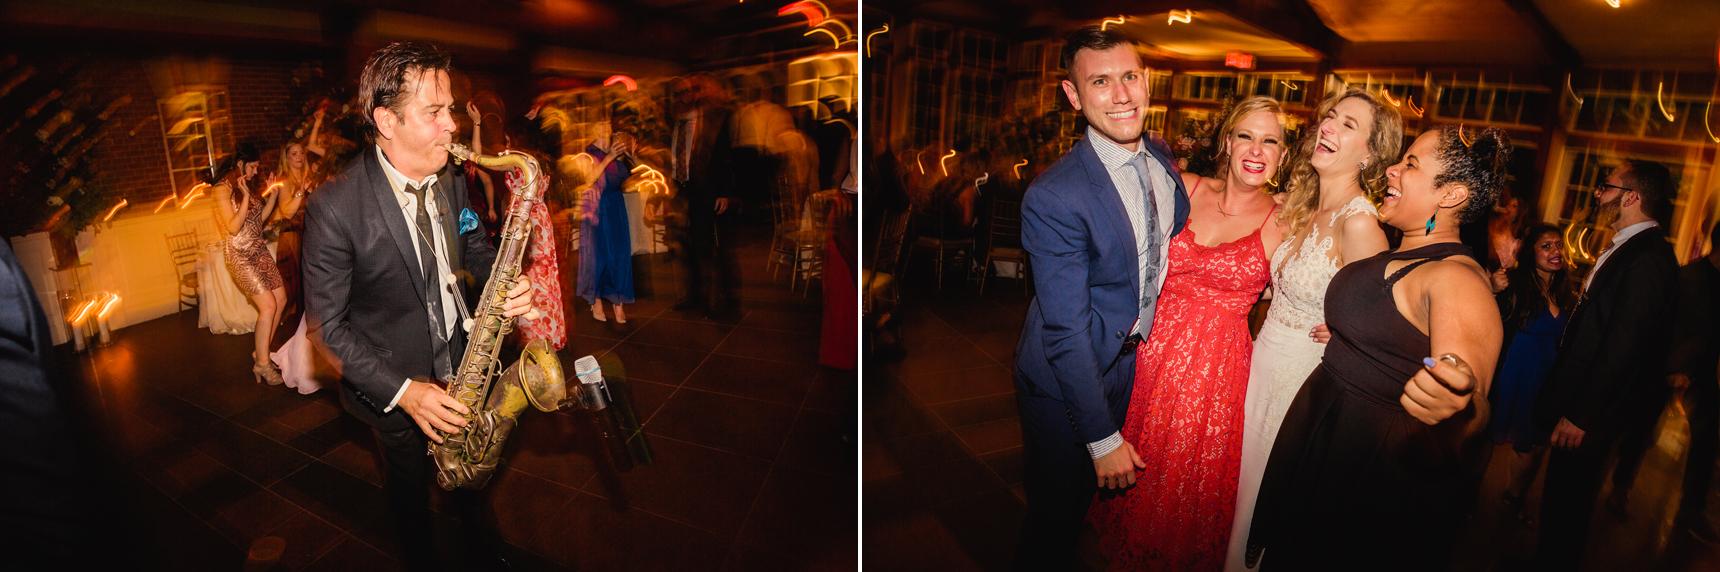 Jory_LoebBoathouse_CentralPark_NewYork_WeddingPhotographer151.jpg